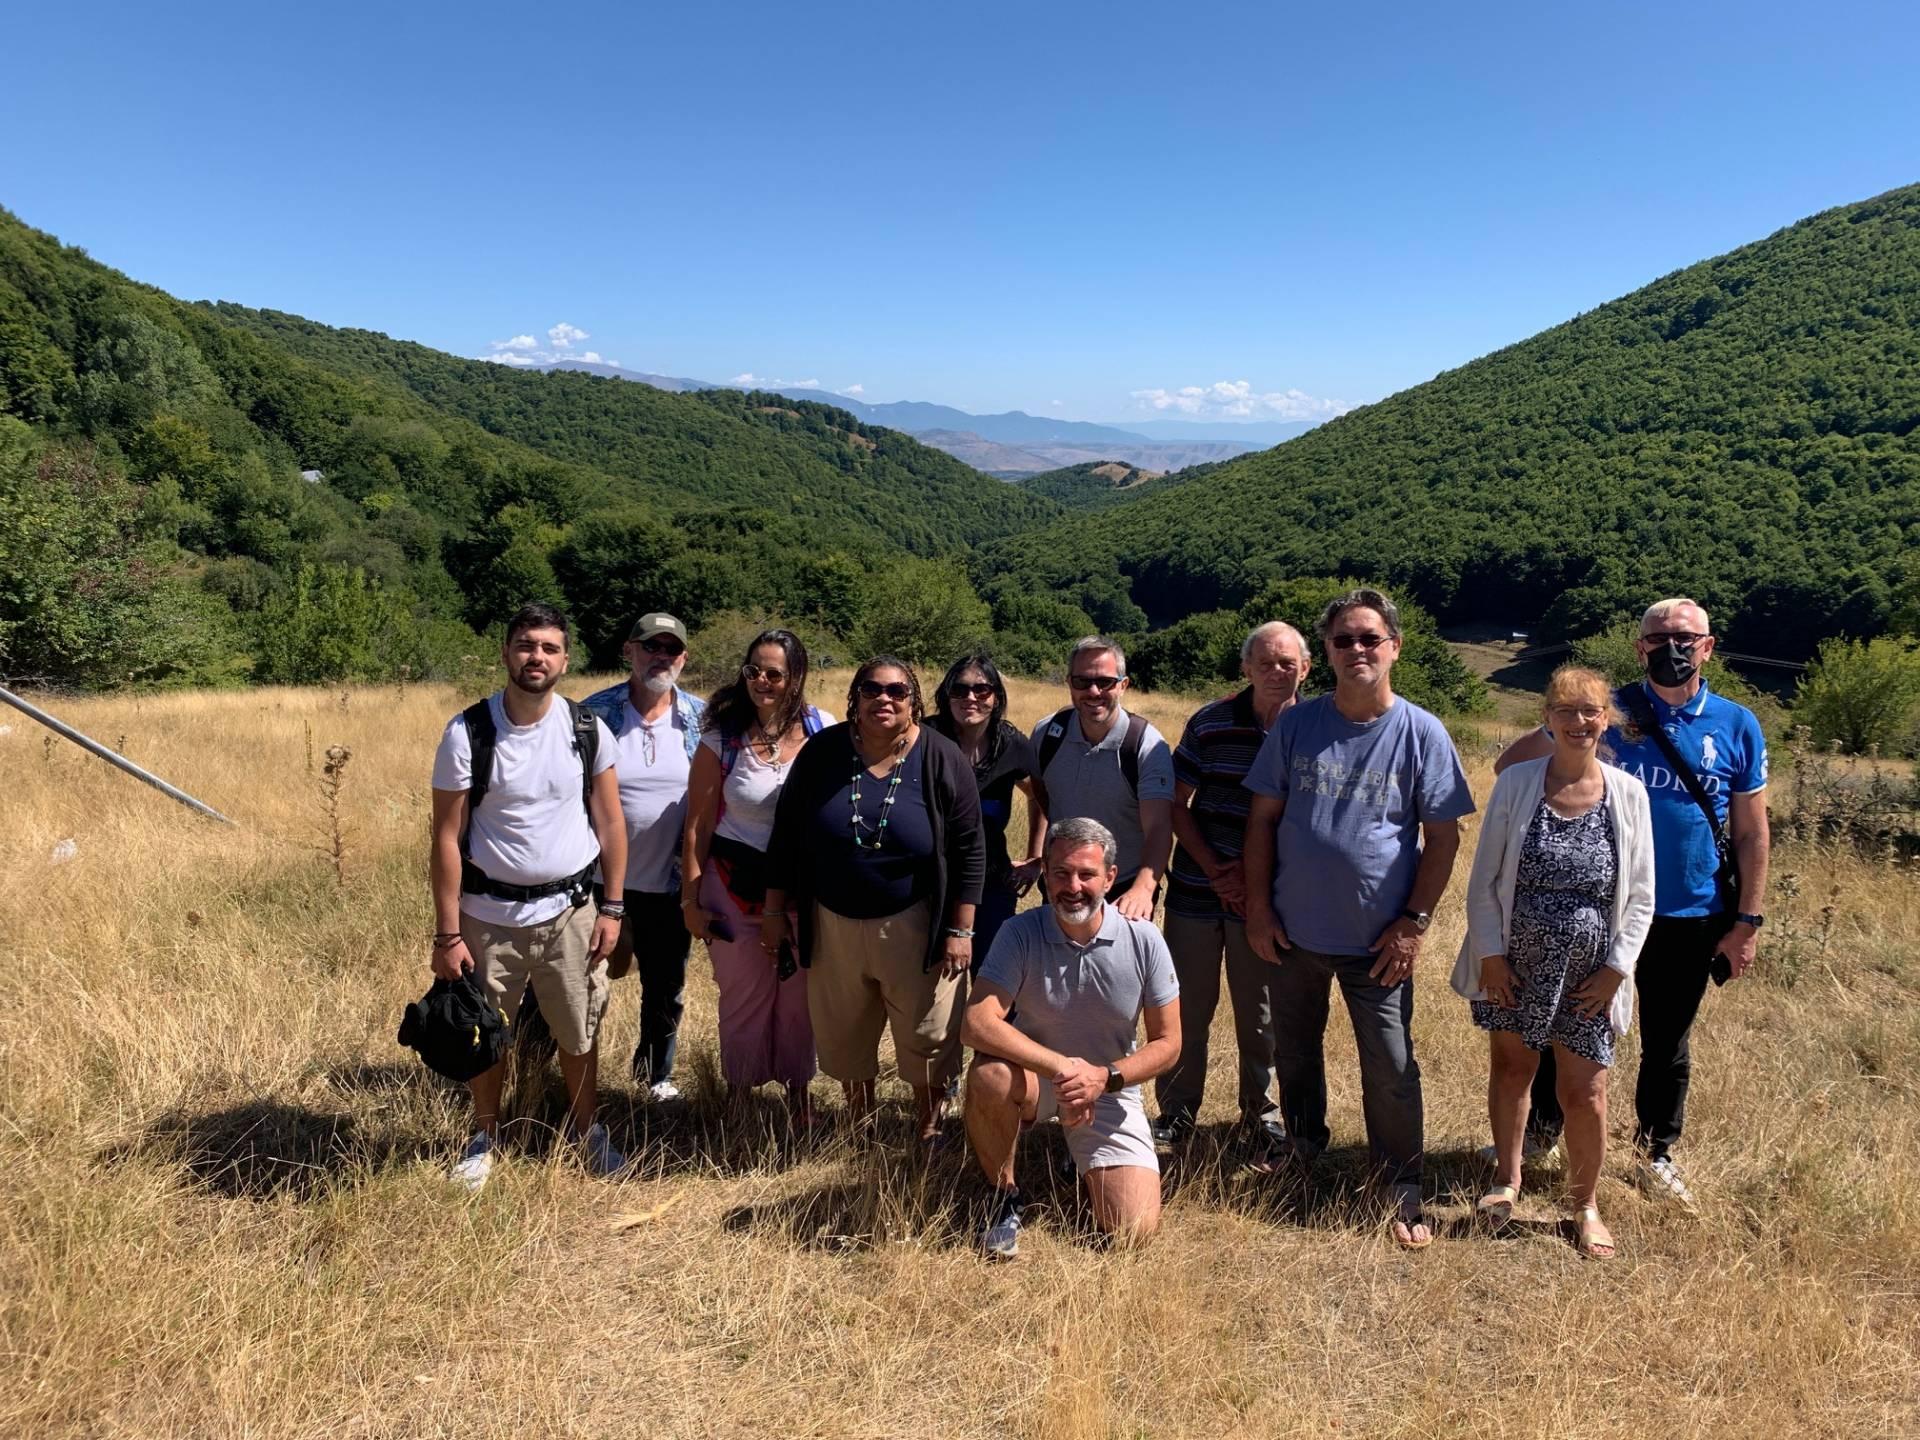 Ξένοι Επαγγελματίες του Τουρισμού ανακαλύπτουν τη Δυτική Μακεδονία μέσα από το Fam- Press Trip της Εταιρίας Τουρισμού